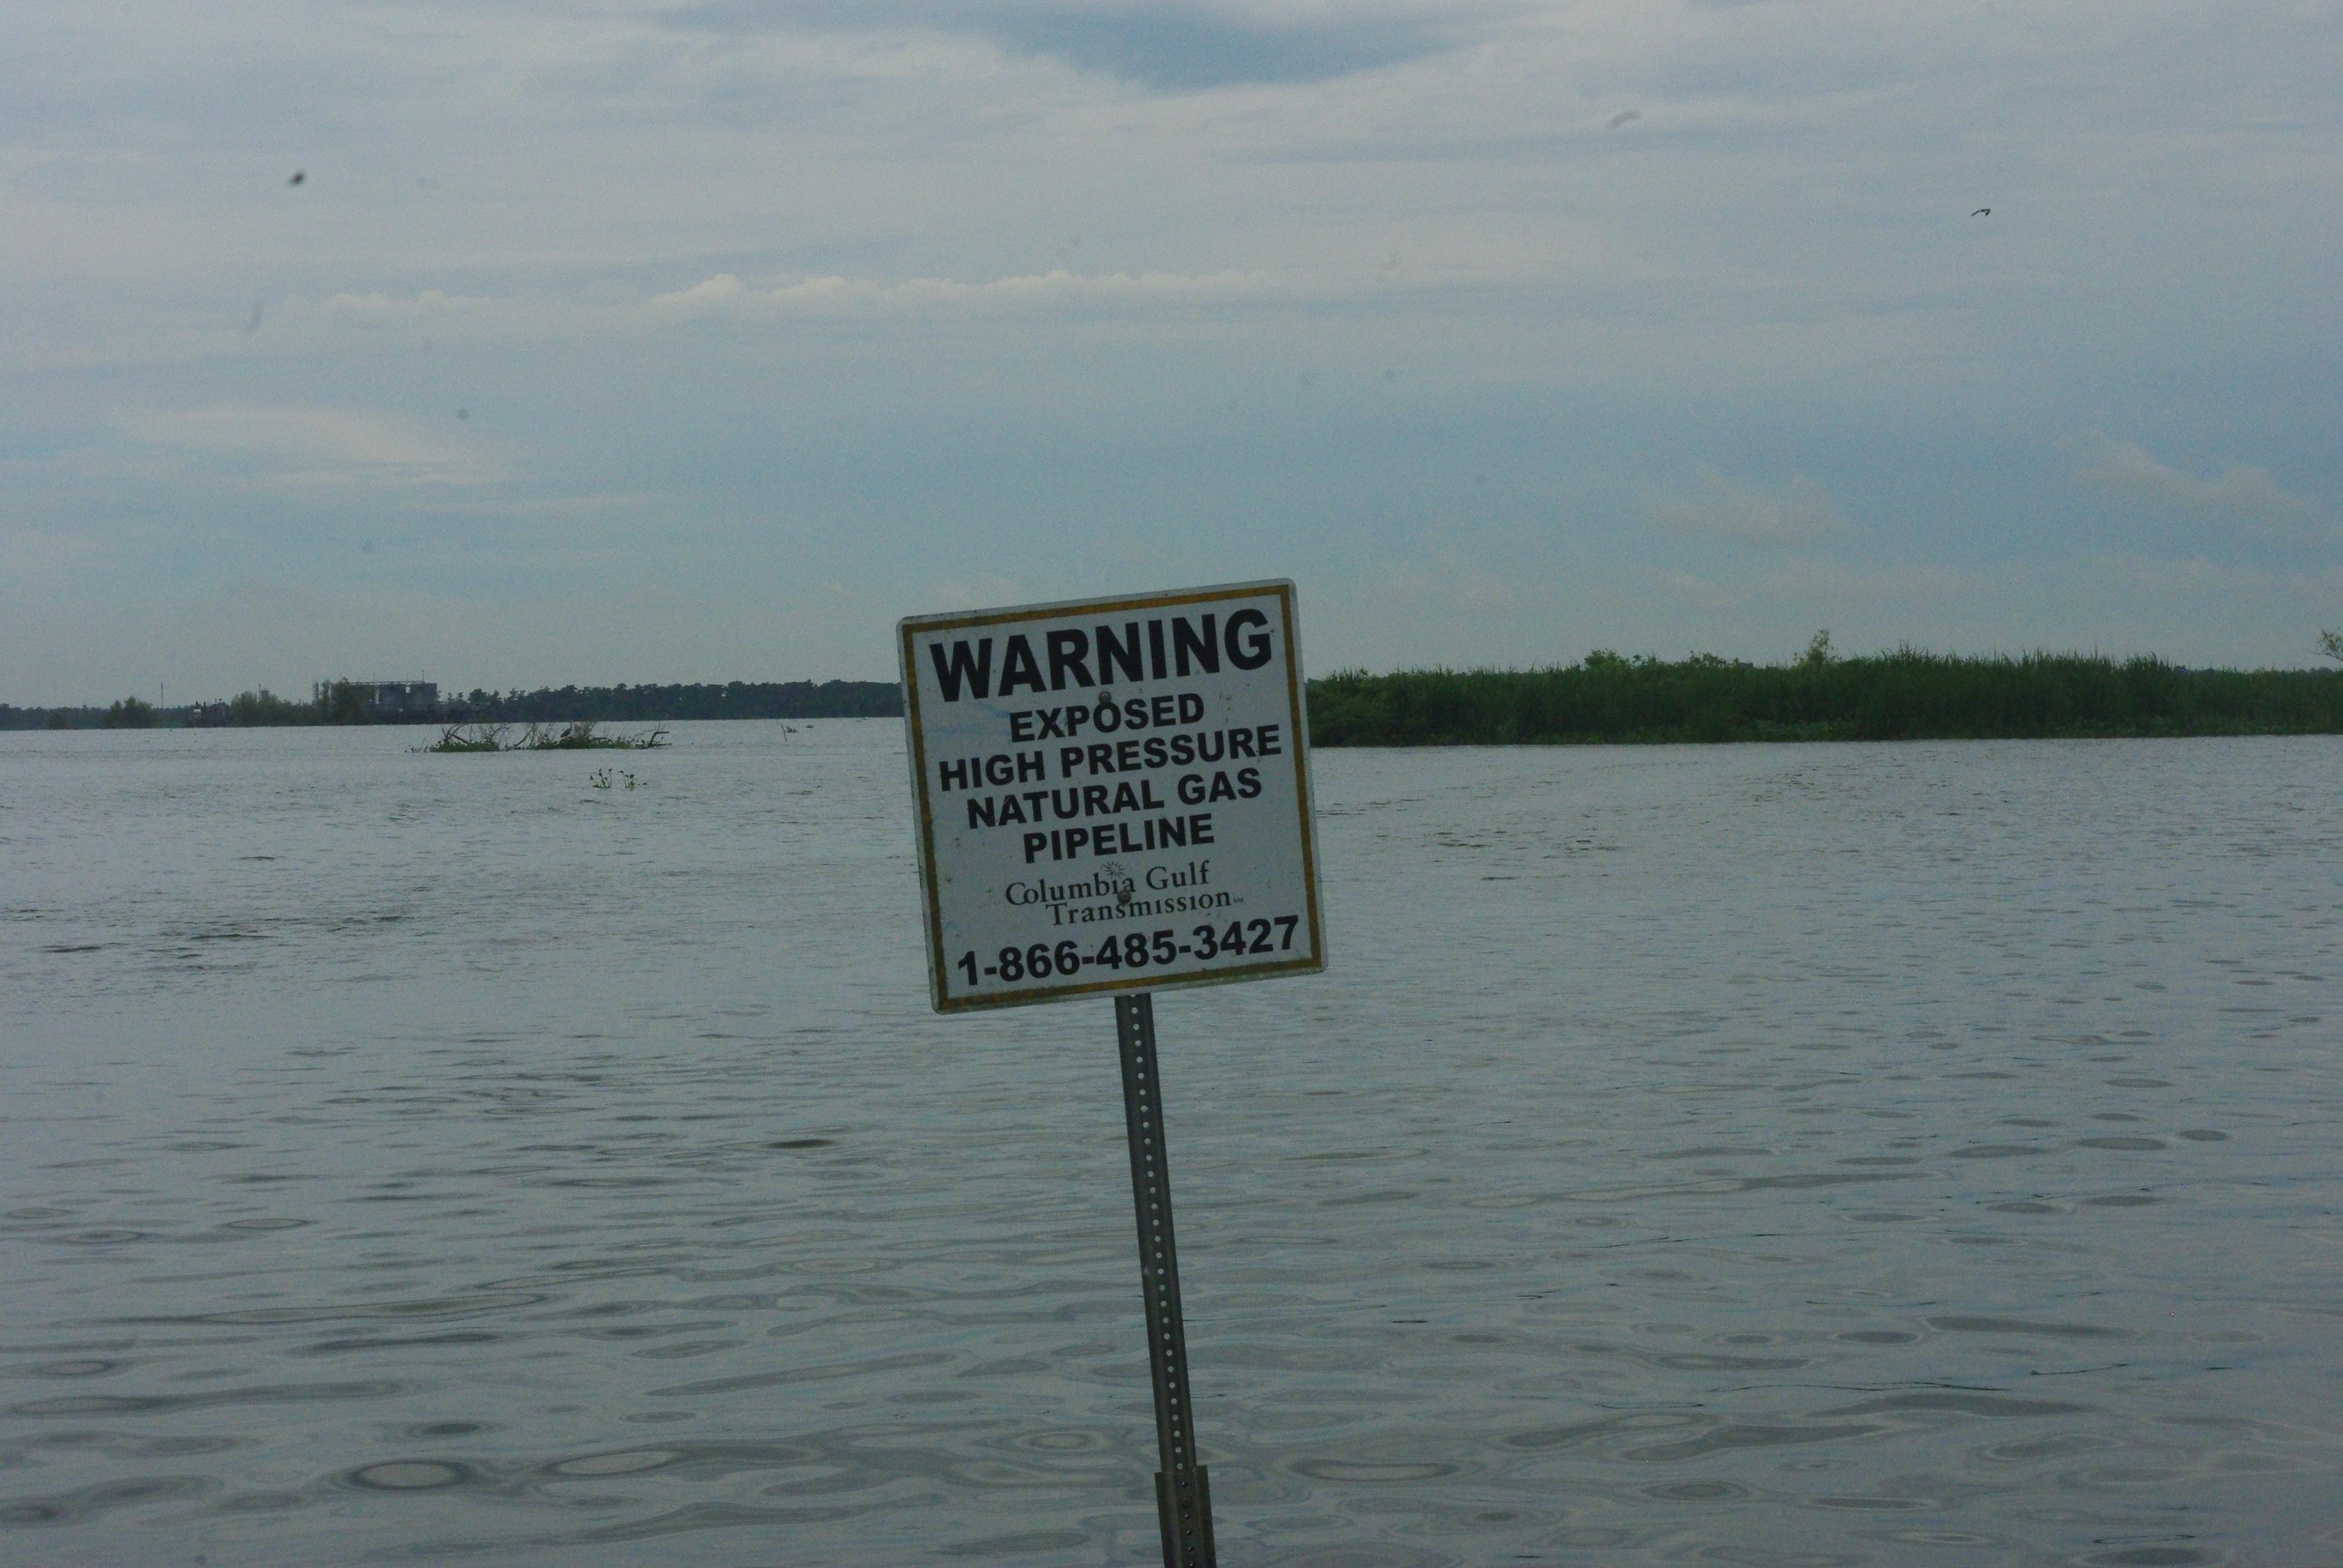 Le bayou est parcouru par des pipelines de gaz naturel